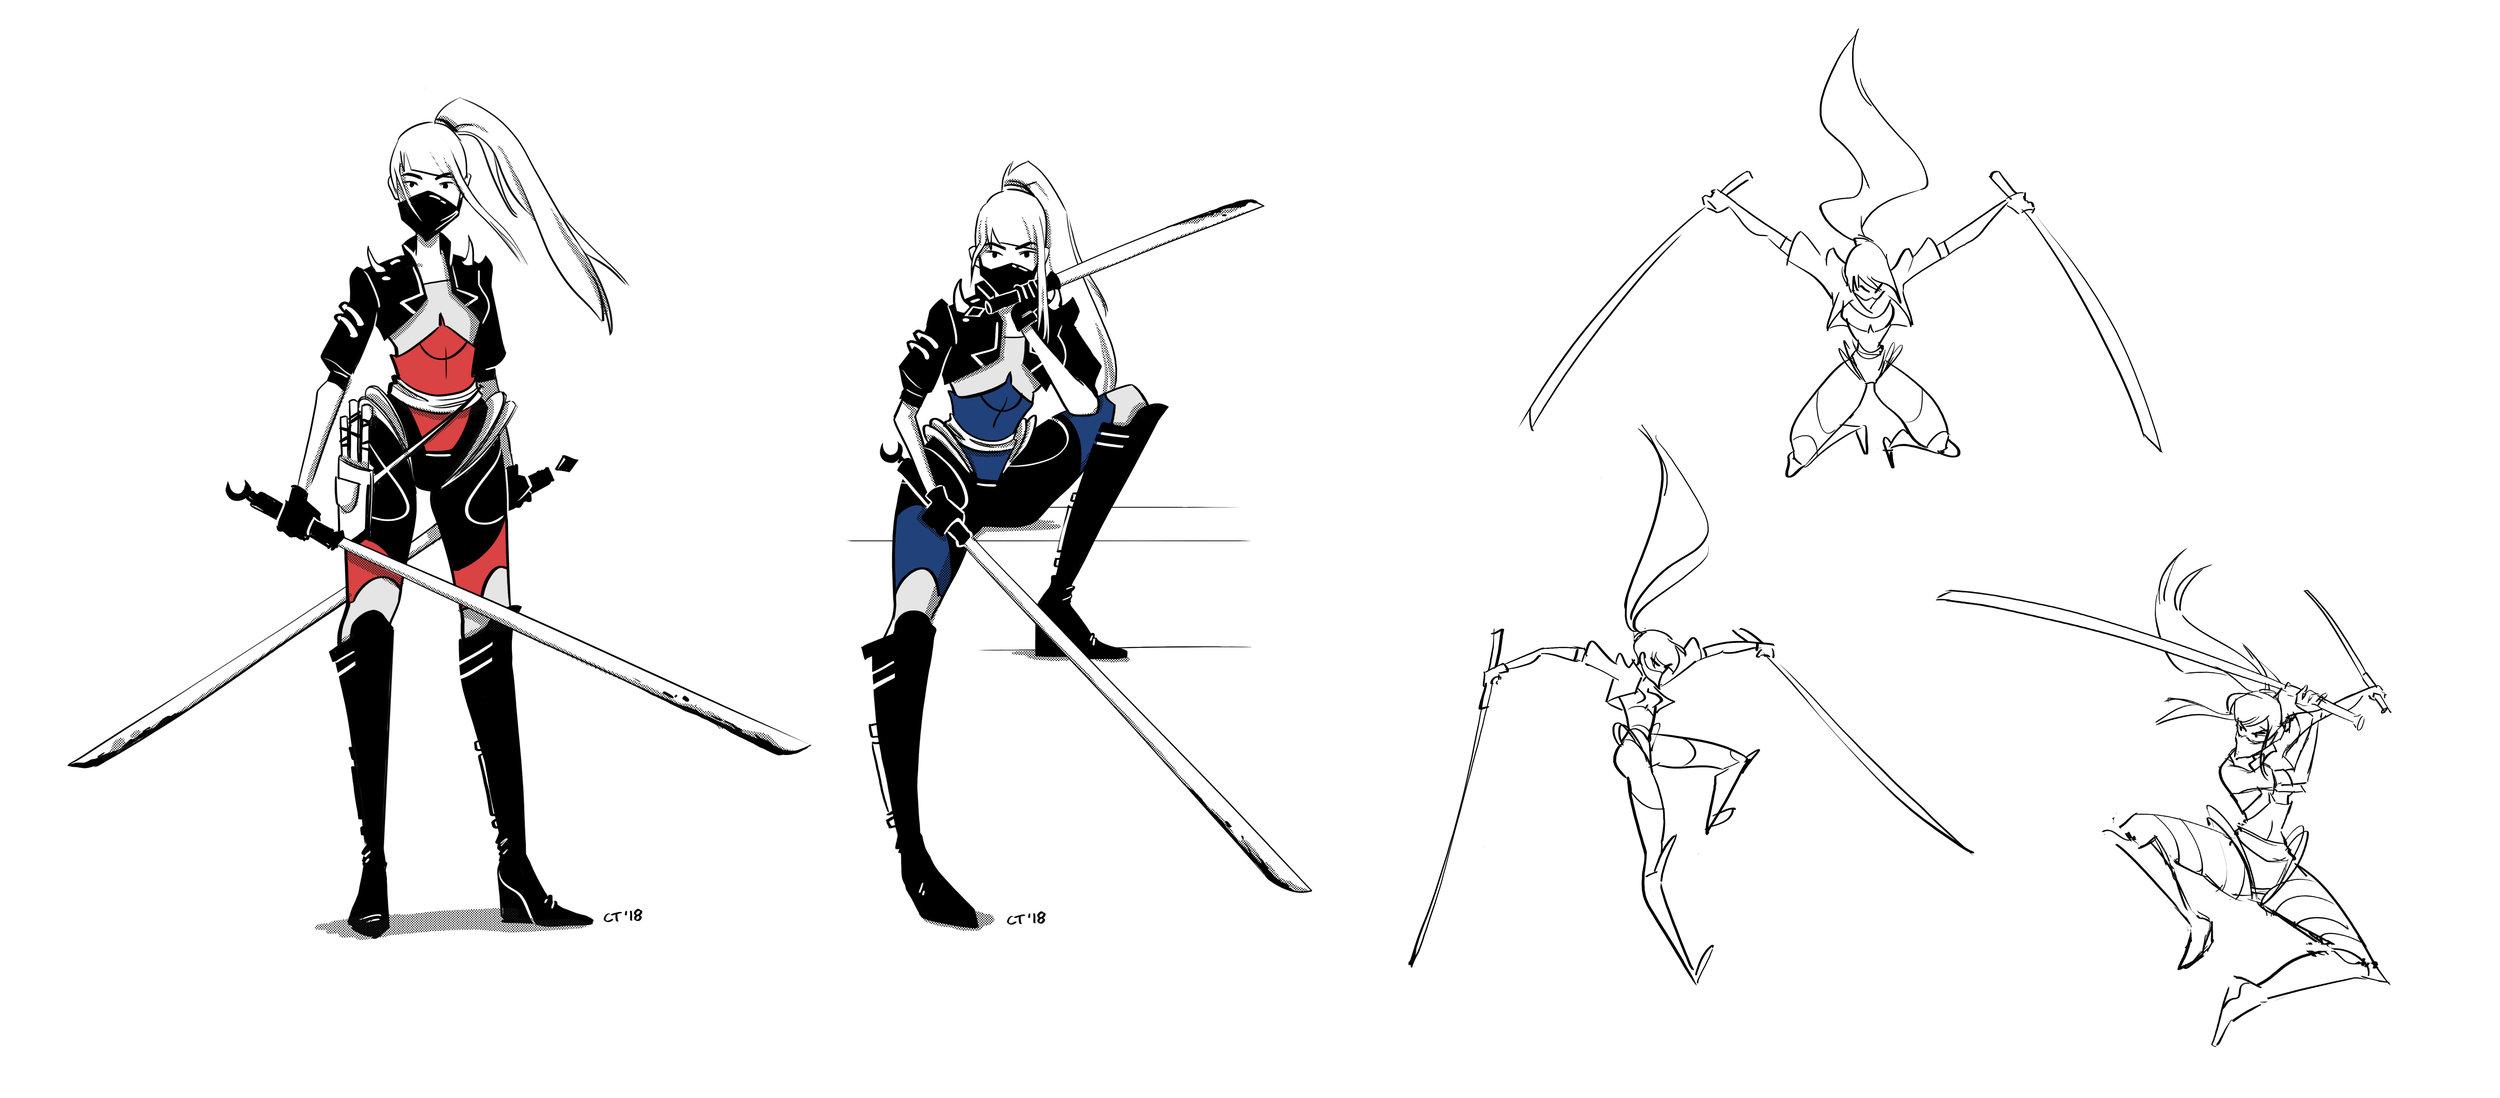 character-concept-02-sheet.jpg